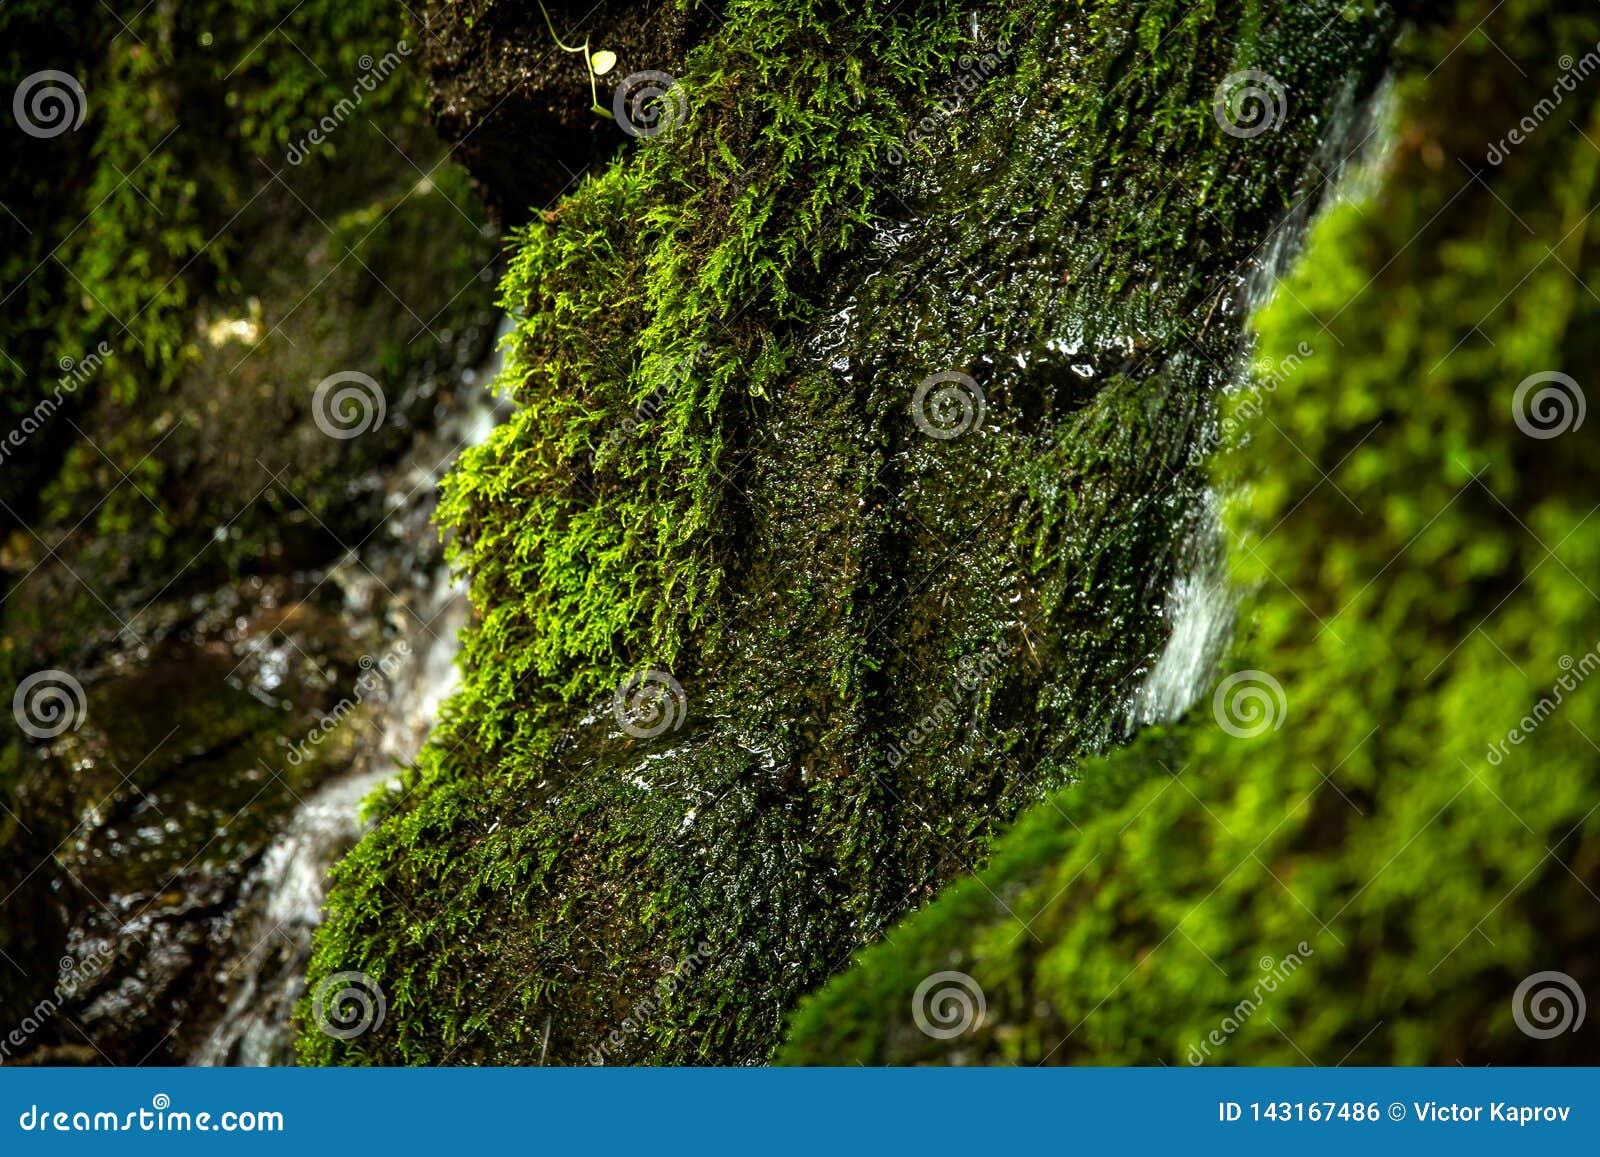 Moos auf den Steinen eines Wasserfalls im Wald